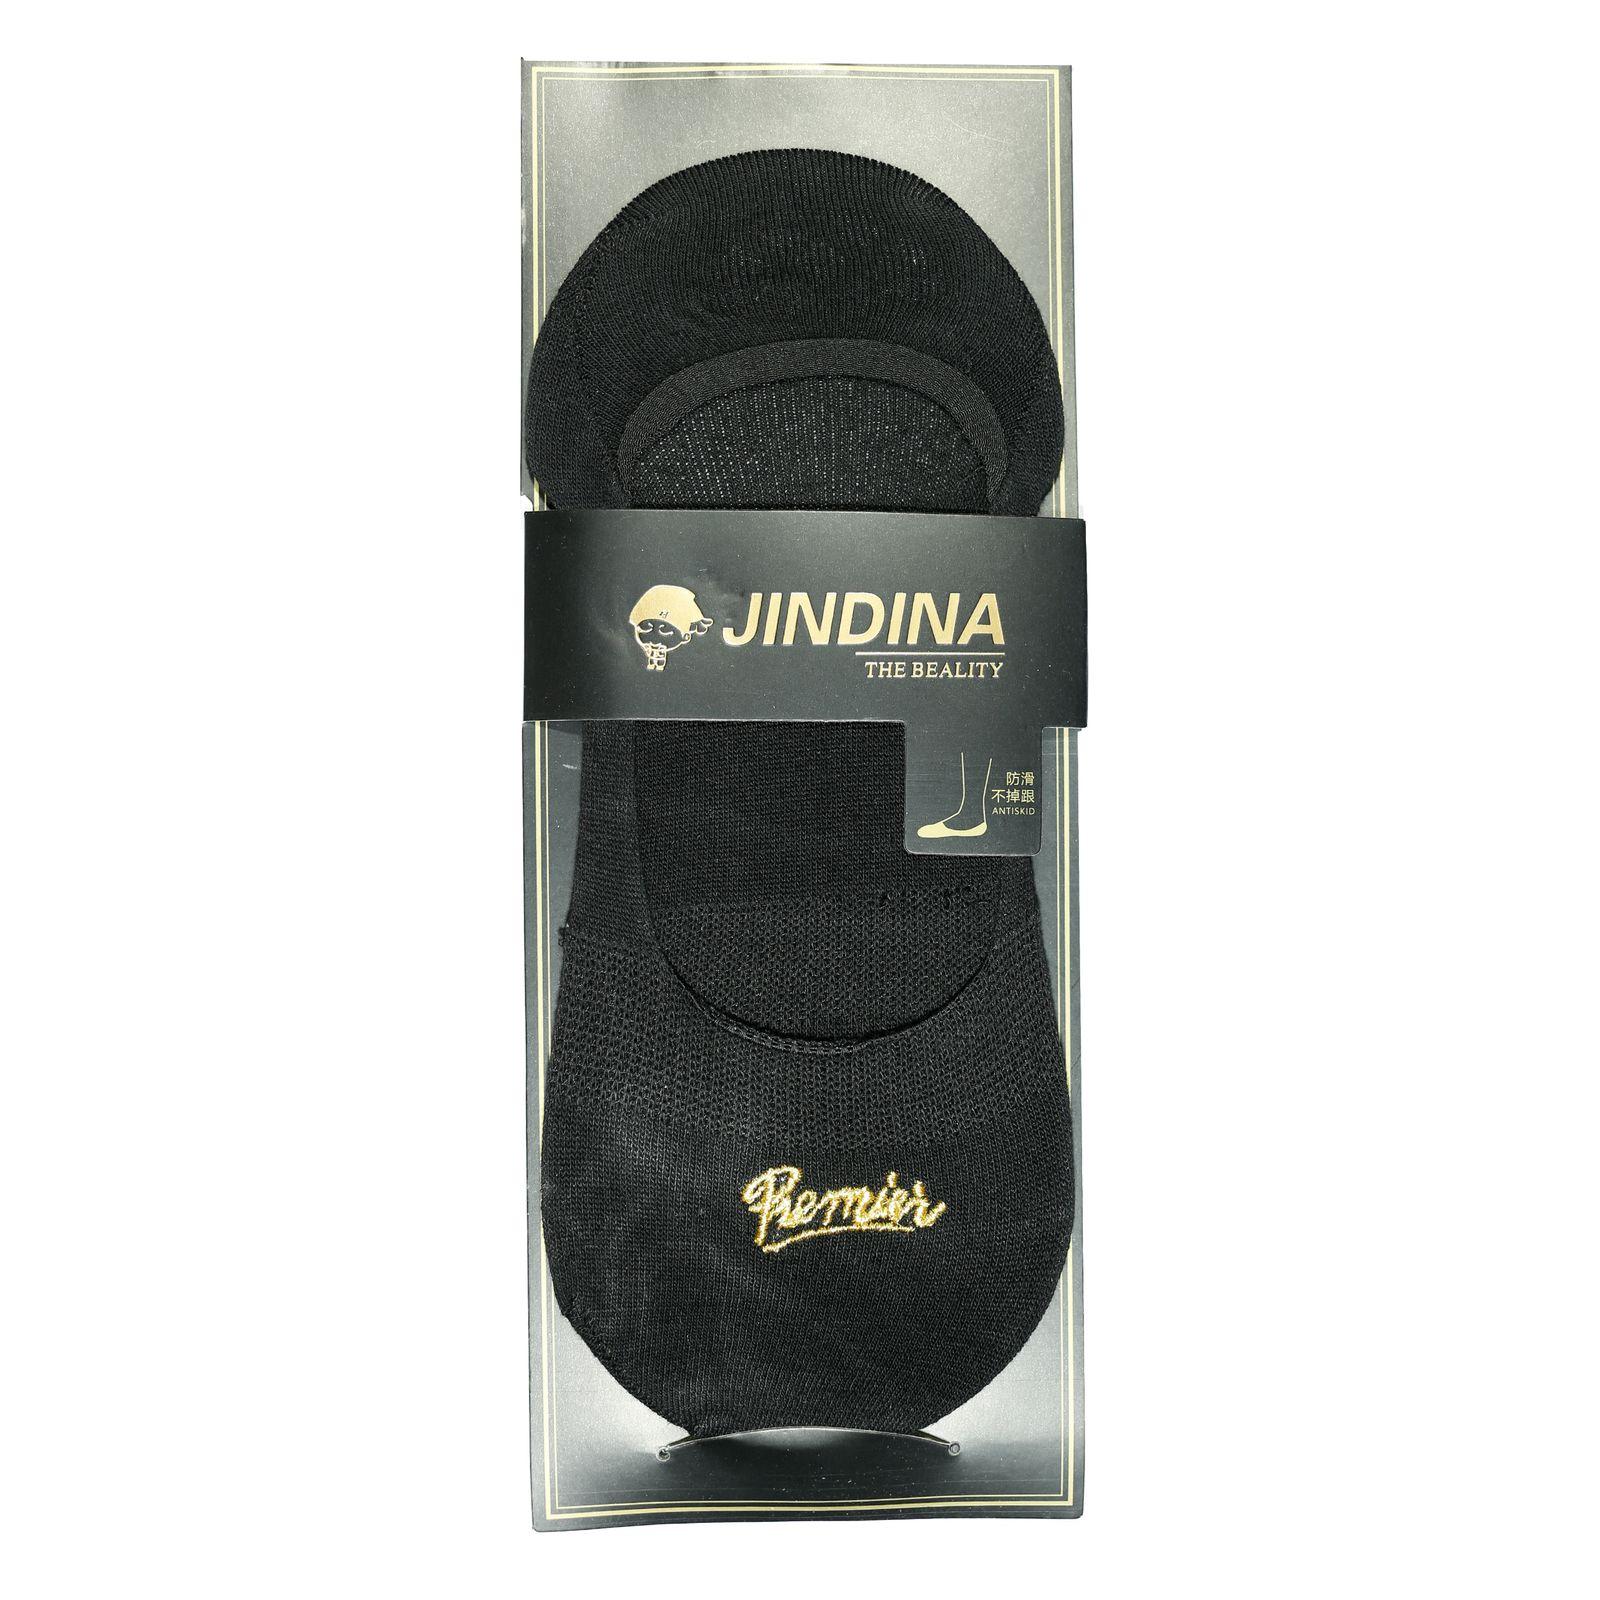 جوراب مردانه جین دینا کد BL-CK 200 مجموعه 3 عددی -  - 4